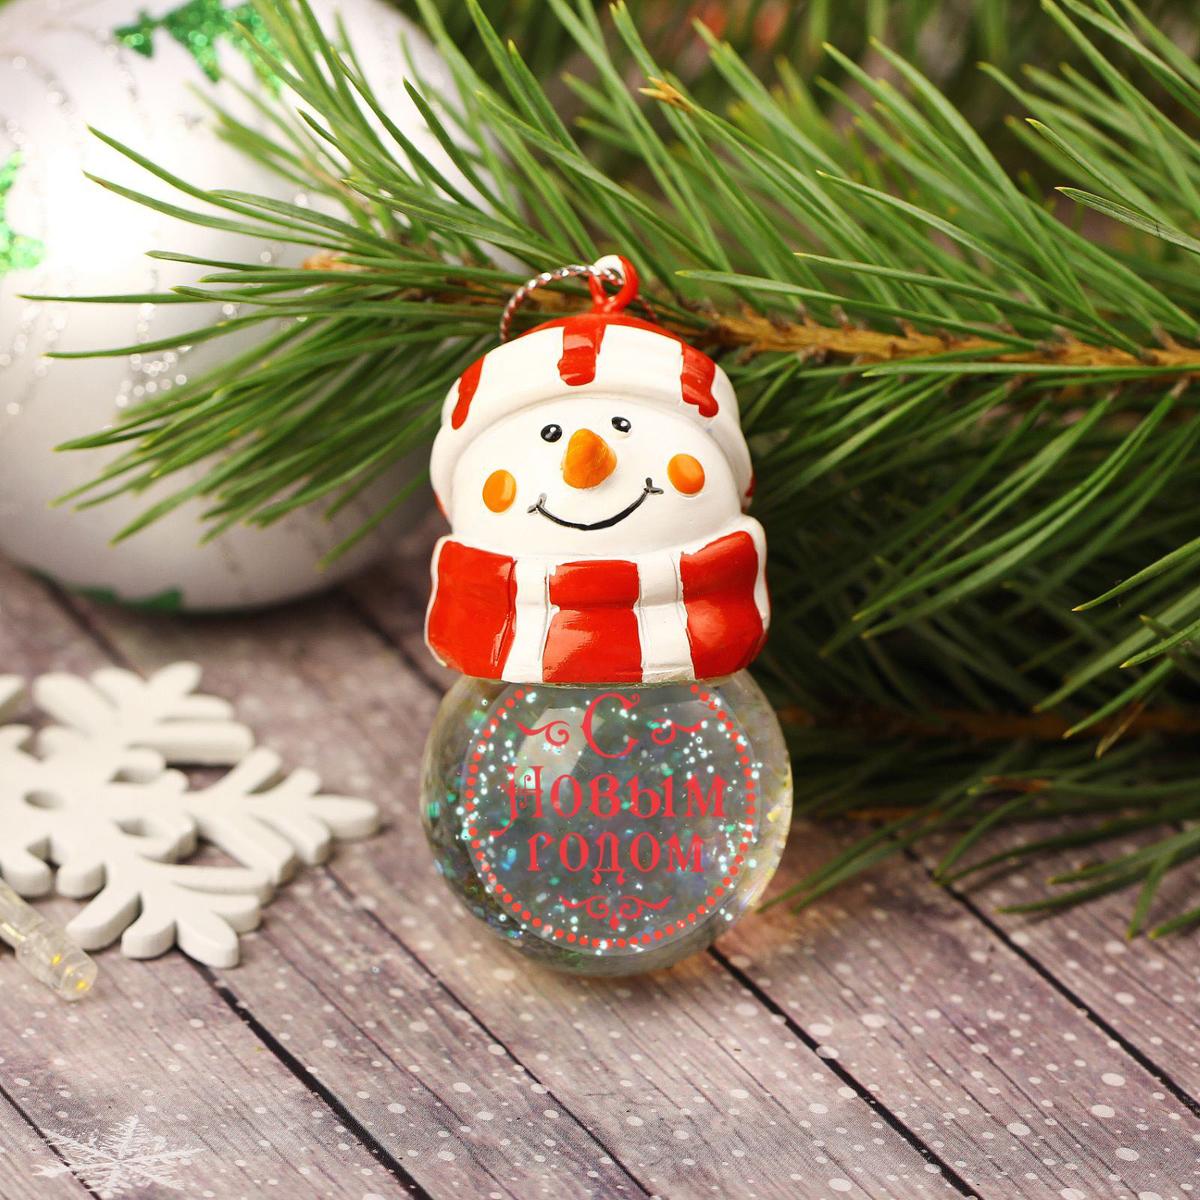 Новогоднее подвесное украшение Sima-land С Новым годом, светящееся, 6,3 см1366202Новогоднее украшение Sima-land отлично подойдет для декорации вашего дома и новогодней ели. Елочная игрушка - символ Нового года. Она несет в себе волшебство и красоту праздника. Такое украшение создаст в вашем доме атмосферу праздника, веселья и радости.